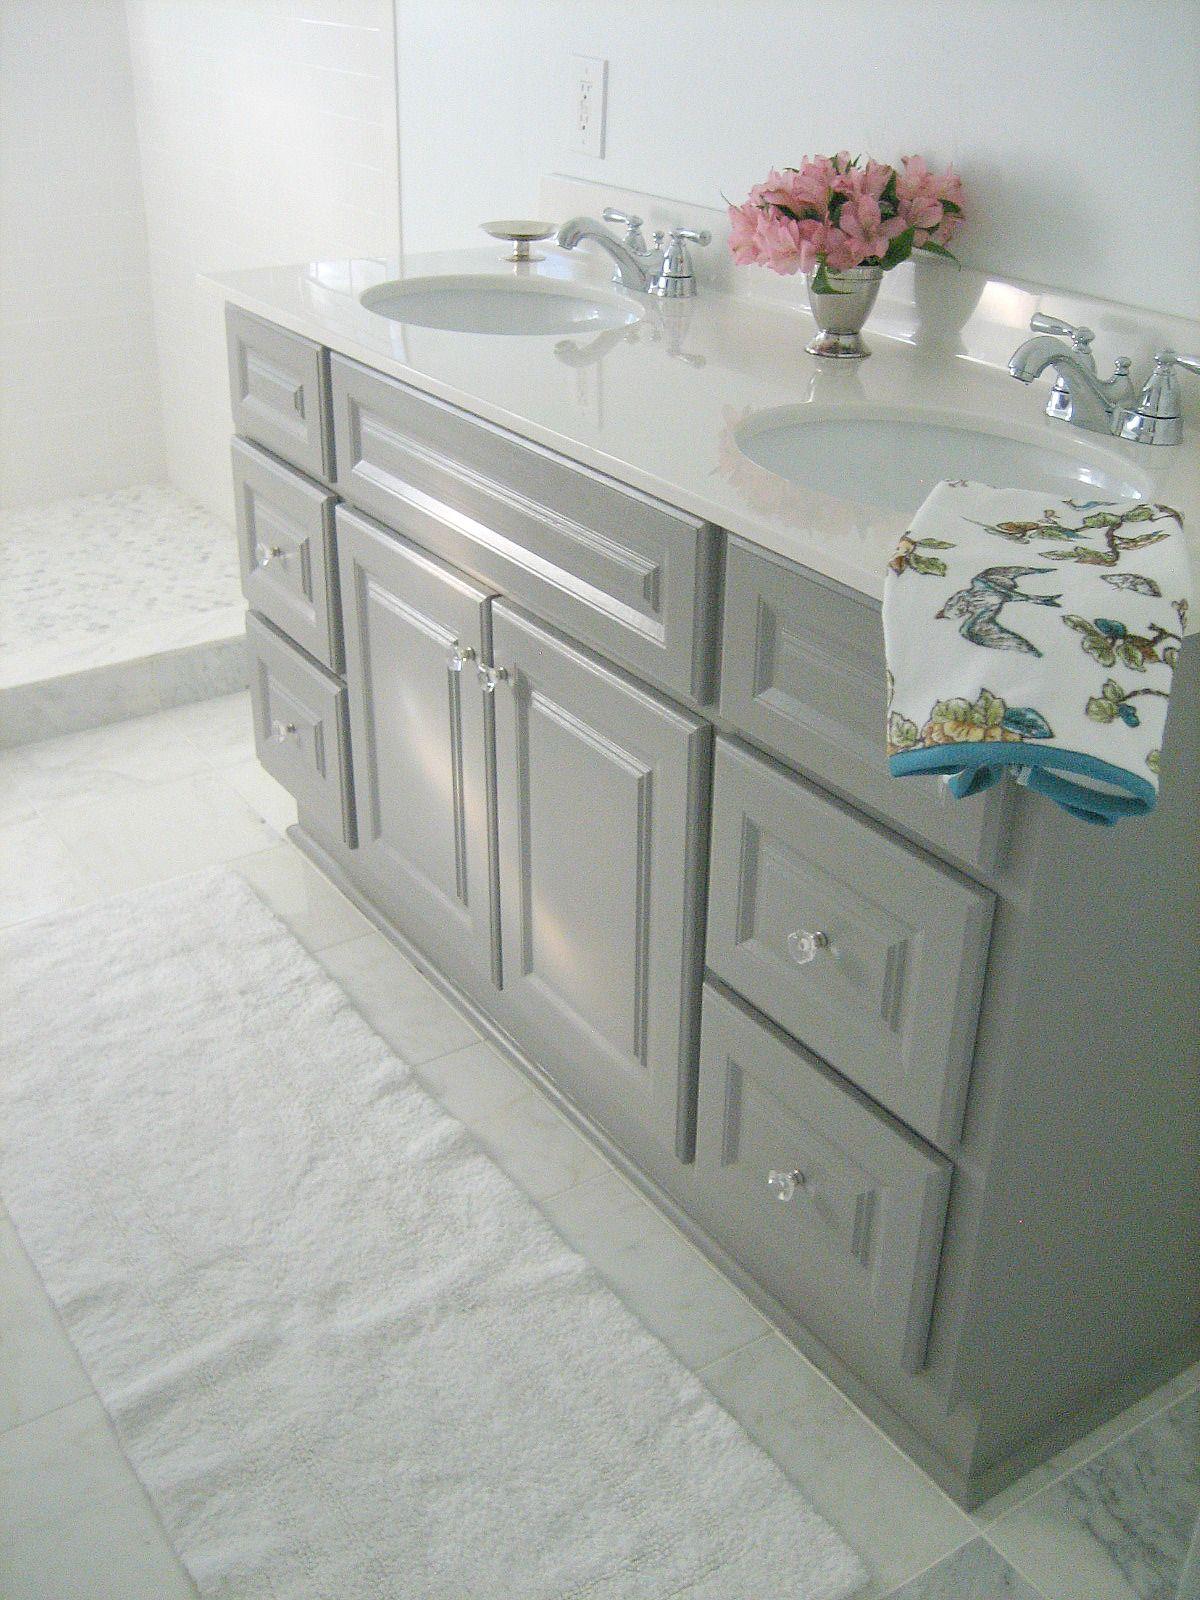 Diy custom painted grey builderstandard bathroom vanity